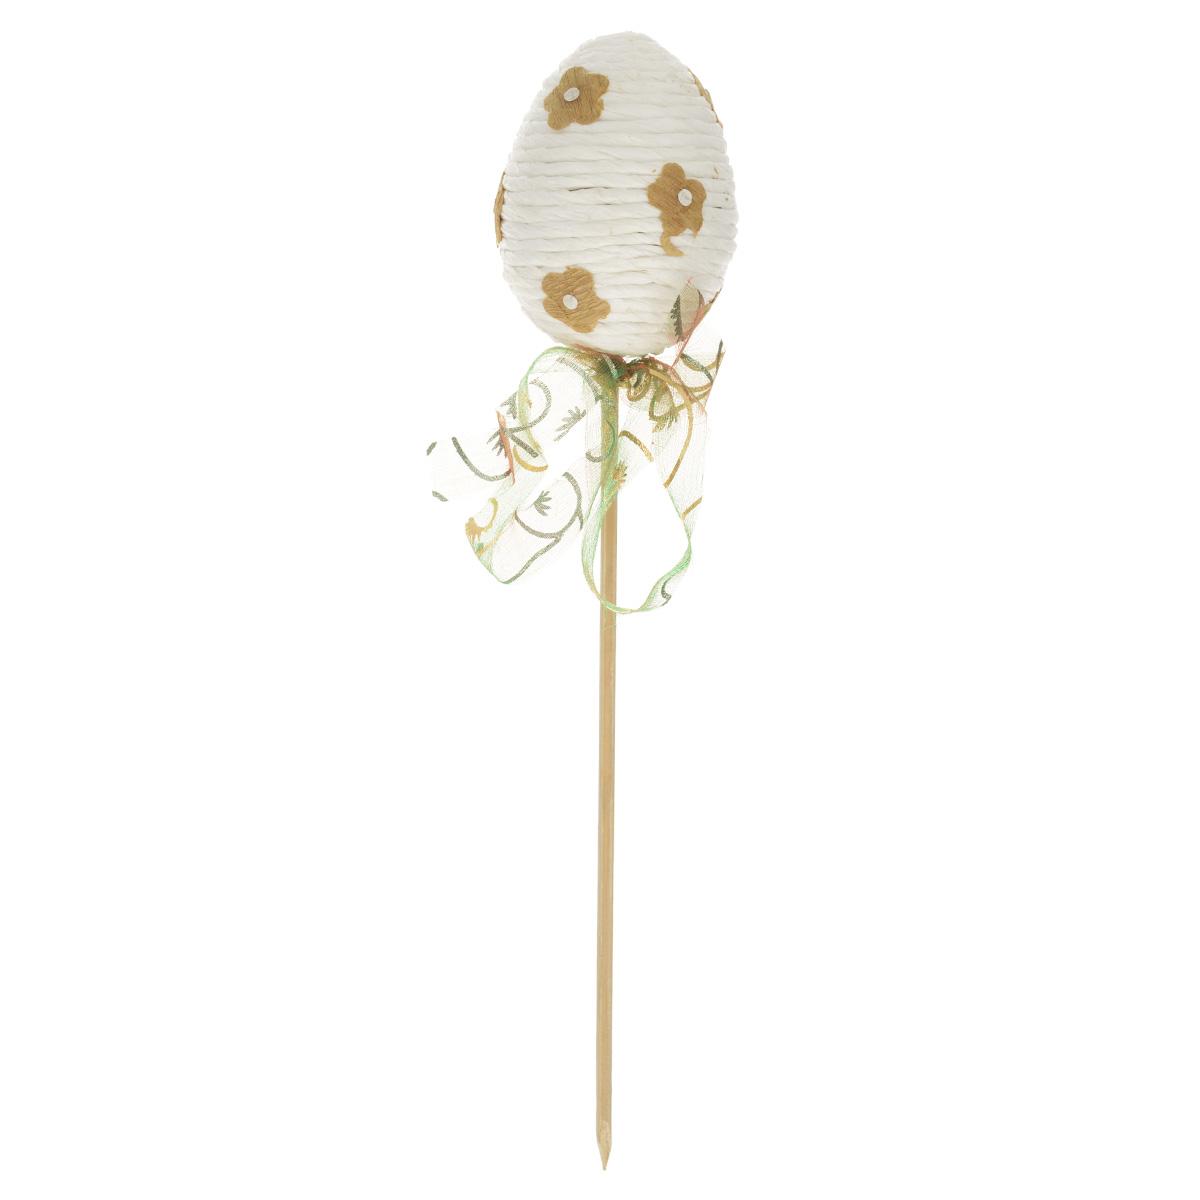 Декоративное украшение на ножке Home Queen Яйцо веселое, цвет: белый, высота 21 см34600Декоративное украшение Home Queen Яйцо веселое выполнено из пенопласта и бумаги в виде пасхального яйца на деревянной ножке, декорированного рельефными бумажными цветами. Изделие украшено полупрозрачной лентой. Такое украшение прекрасно дополнит подарок для друзей или близких на Пасху. Высота: 21 см. Размер яйца: 5 см х 5 см.